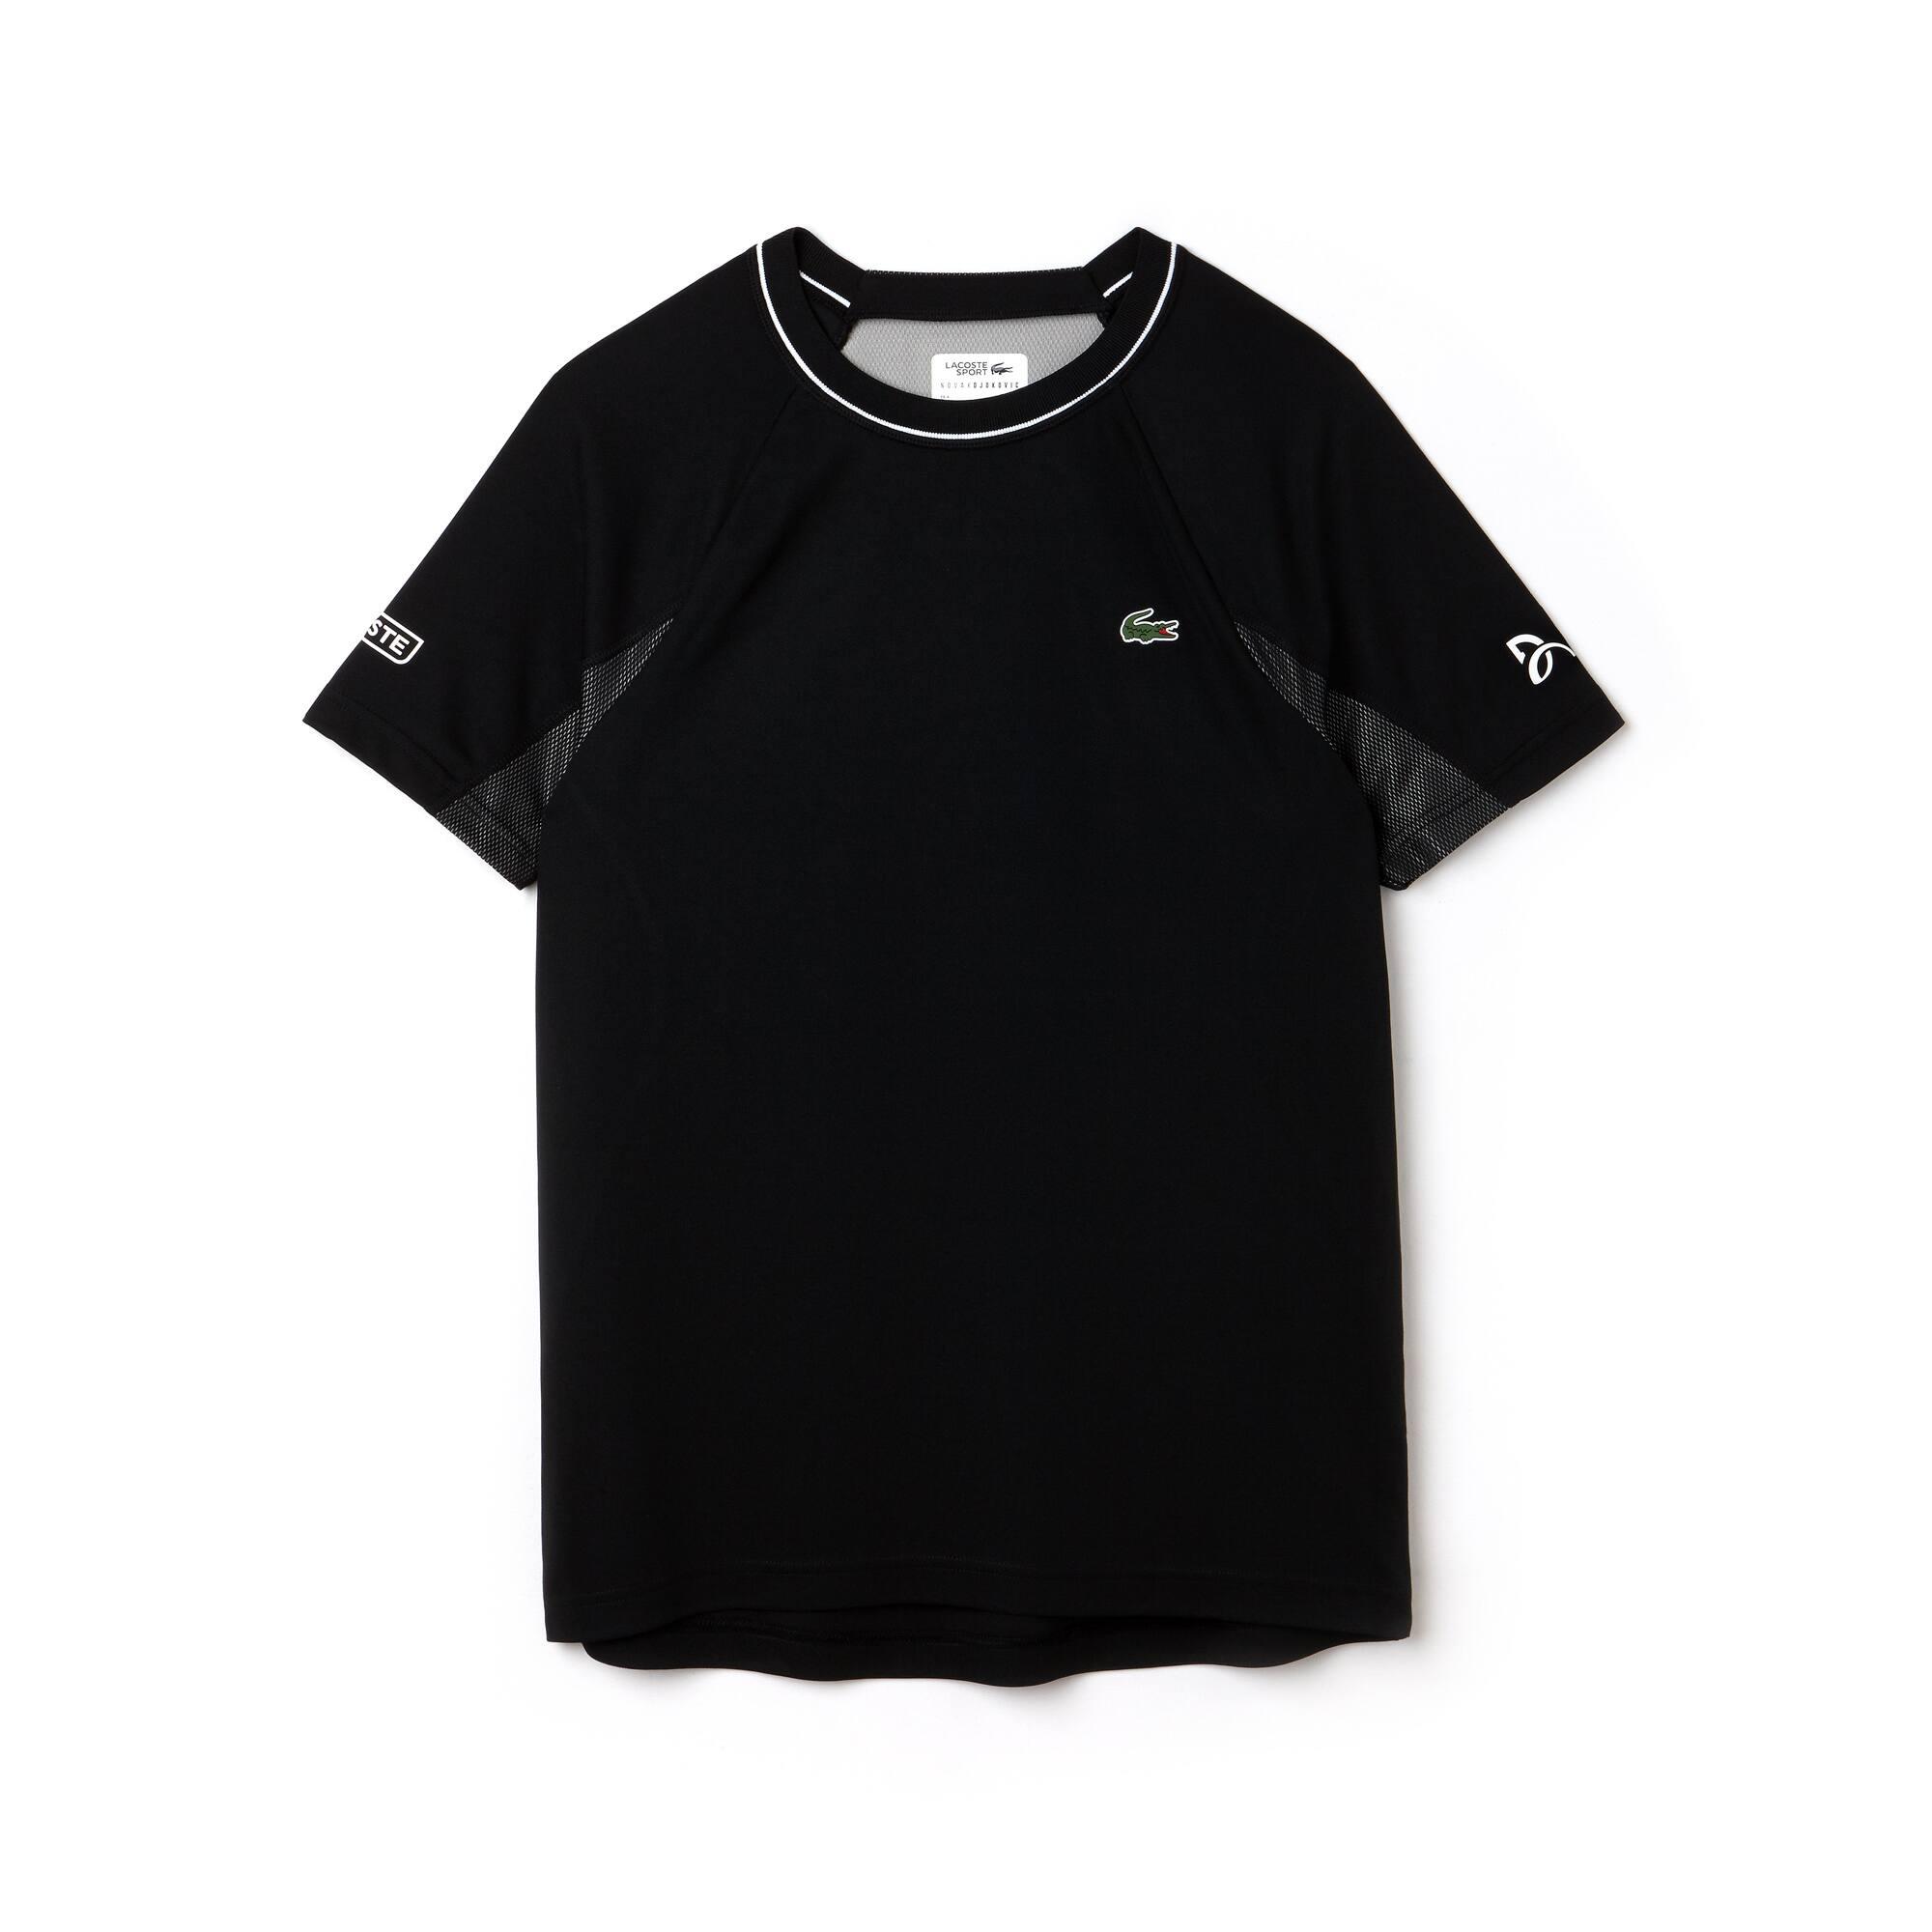 T-shirt girocollo Lacoste SPORT COLLEZIONE NOVAK DJOKOVIC SUPPORT WITH STYLE in piqué tecnico e rete